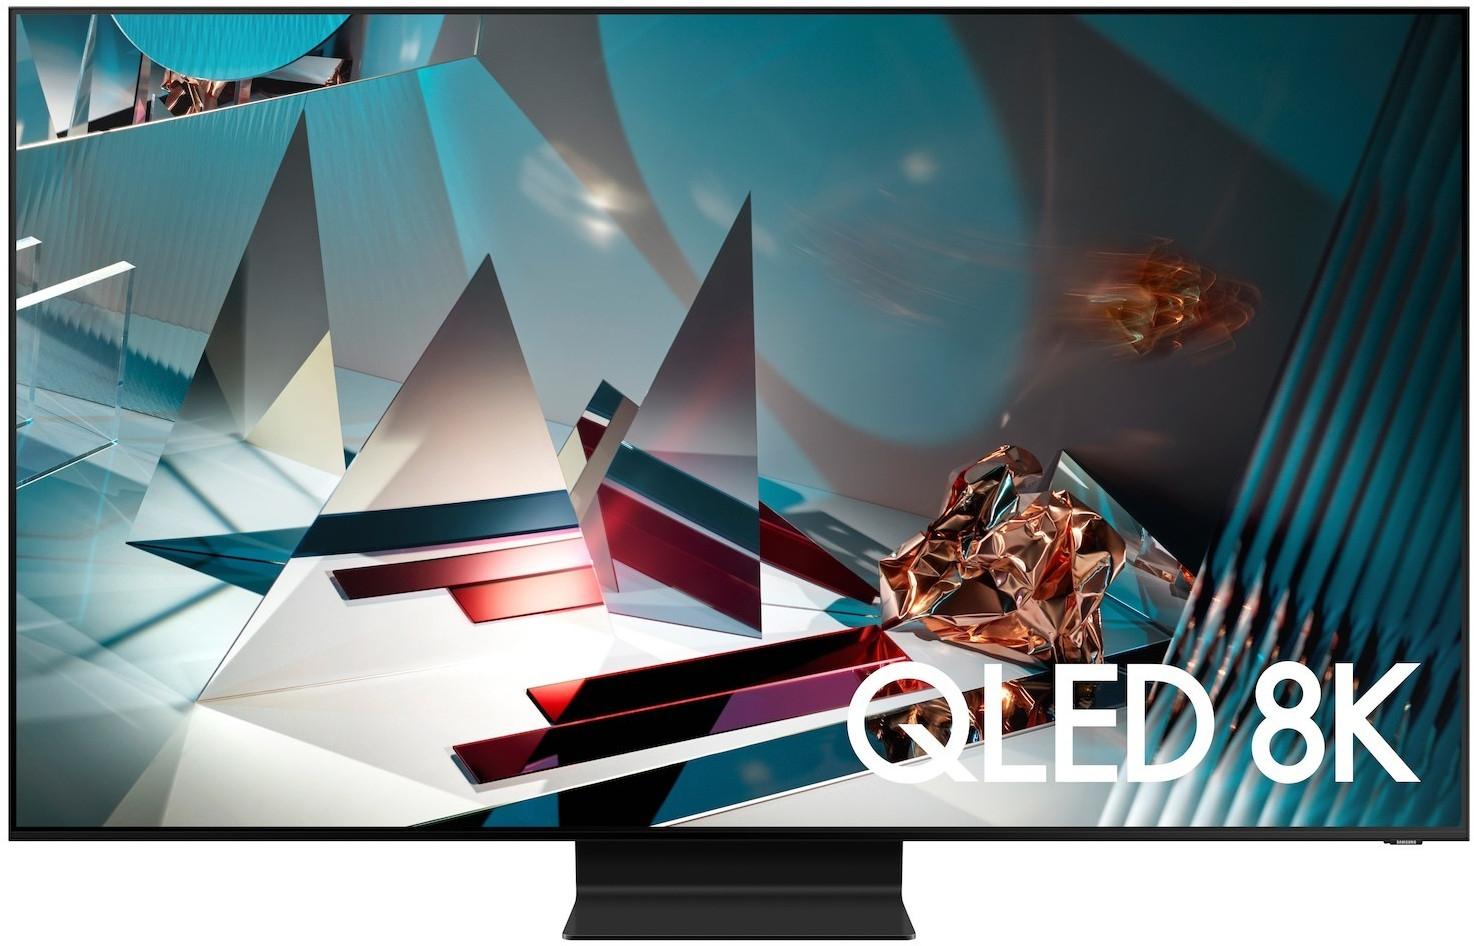 """Samsung QE65Q800T + 170,40€ RSP (65"""", 8K, VA, FALD, HDR bis 1175cd/m², 120Hz, FreeSync/G-Sync Compatible, 1x HDMI 2.1, 3x HDMI 2.0, Tizen)"""